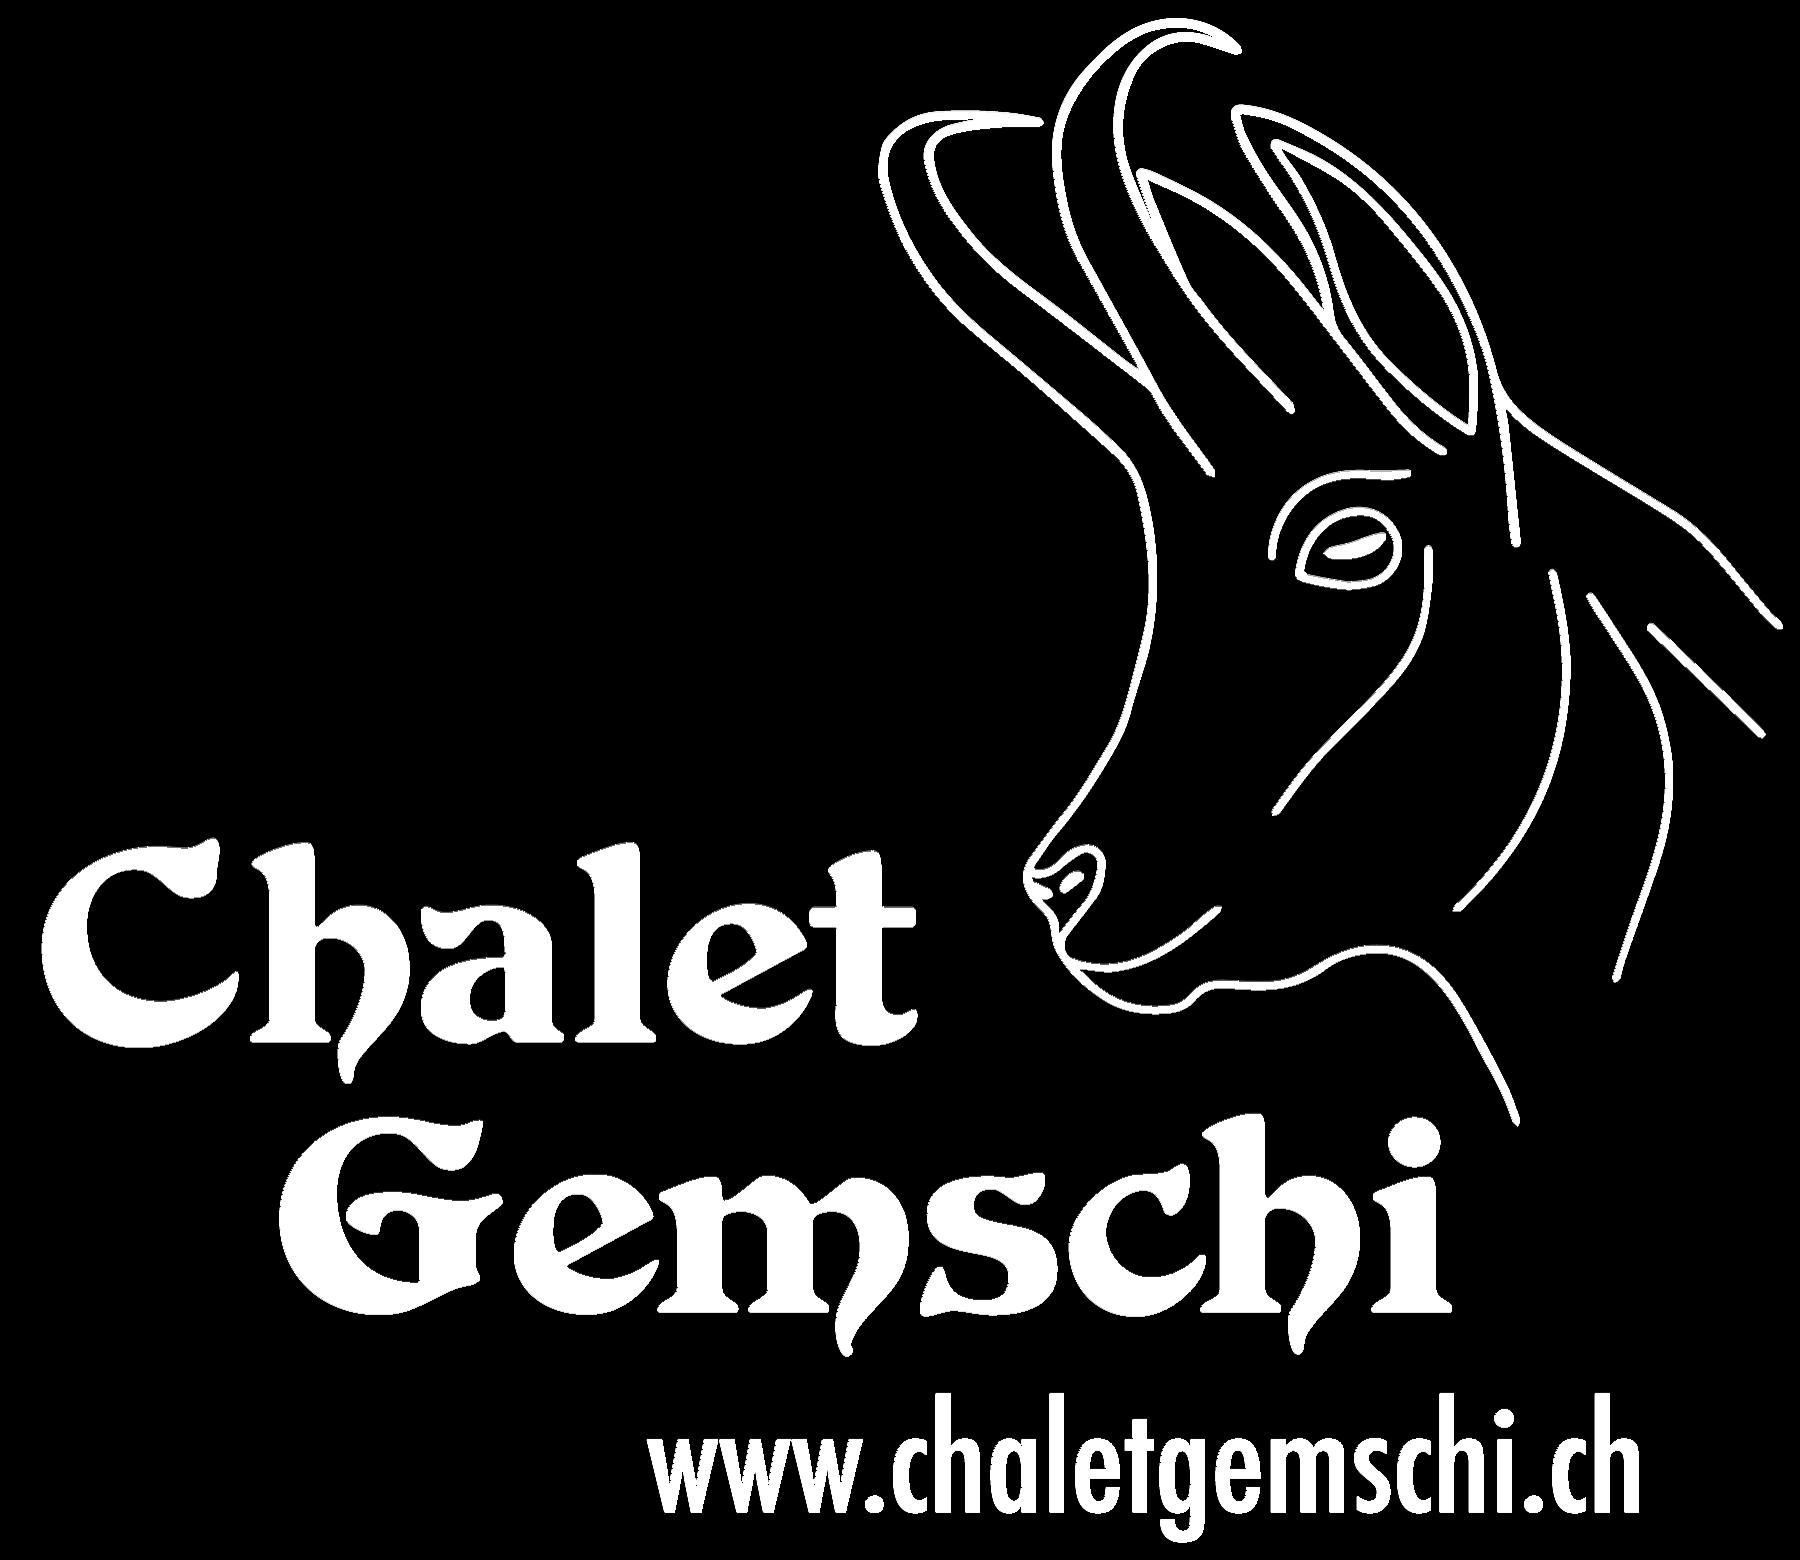 Chalet Gemschi